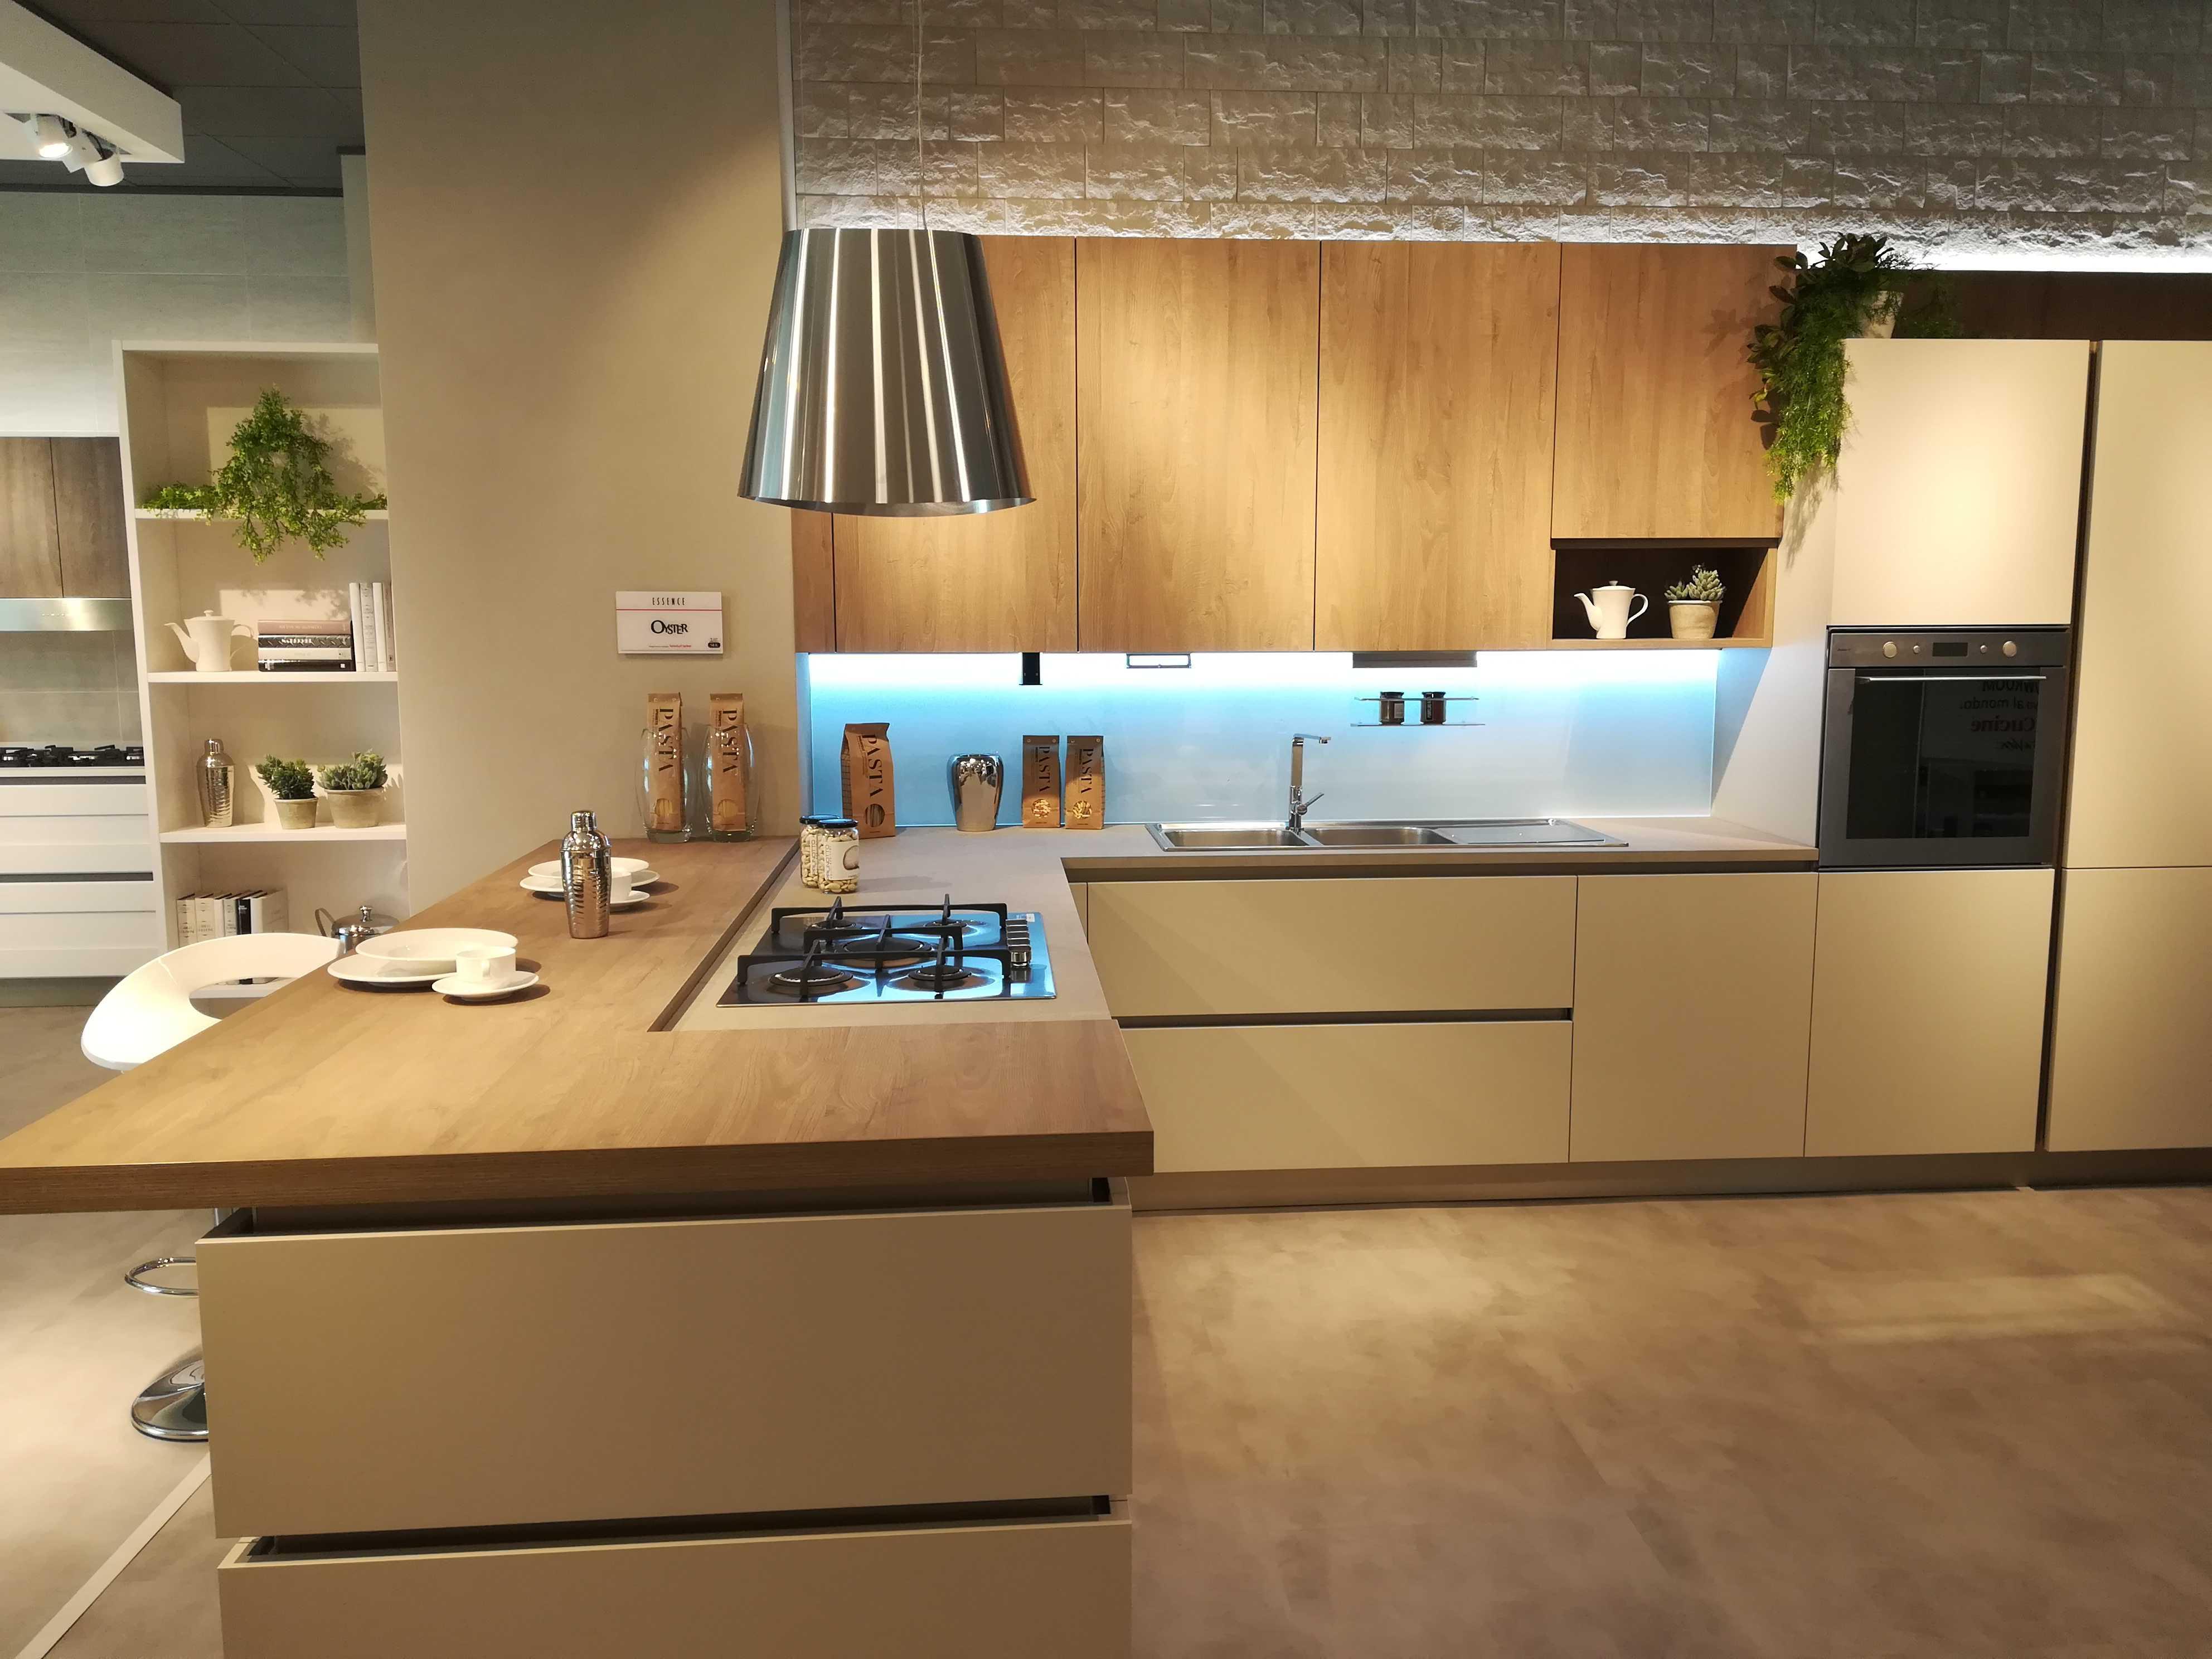 Tubo Per Cappa Cucina Design la cappa giusta per ogni cucina – prezioso casa